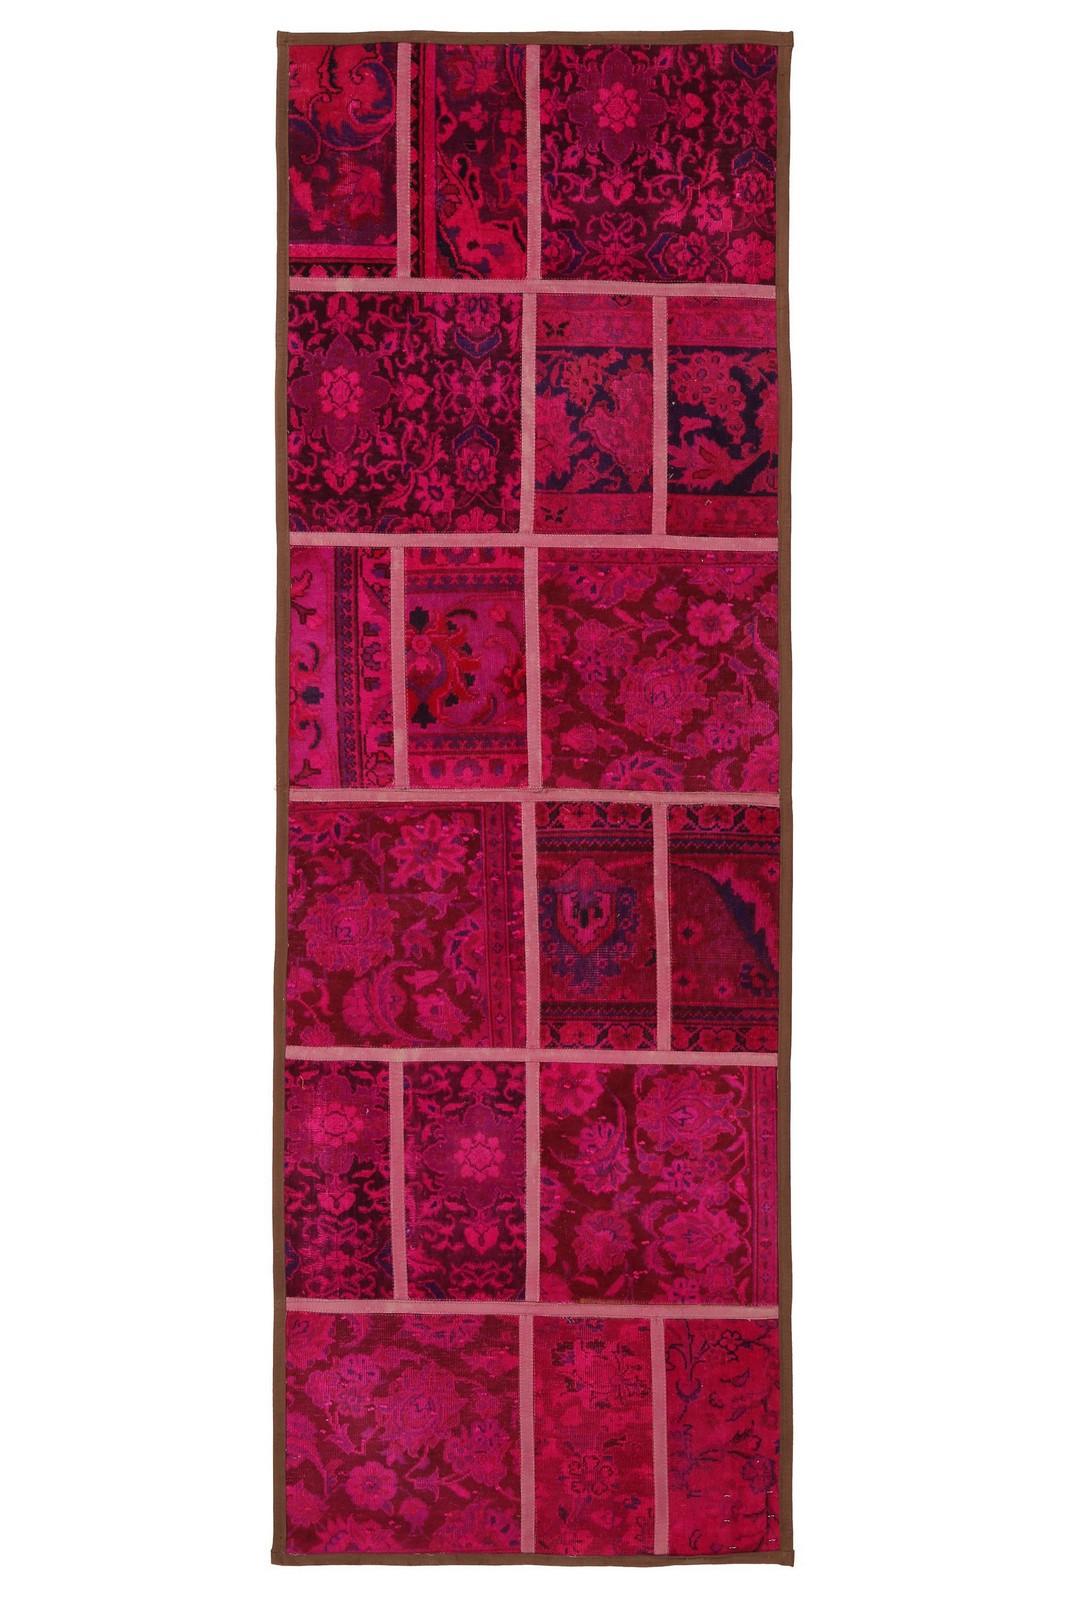 Persisk Patchwork, 240 x 80 cm - Persisk Patchwork, fremstillet af persiske vintage fragmenter. 240 x 80 cm